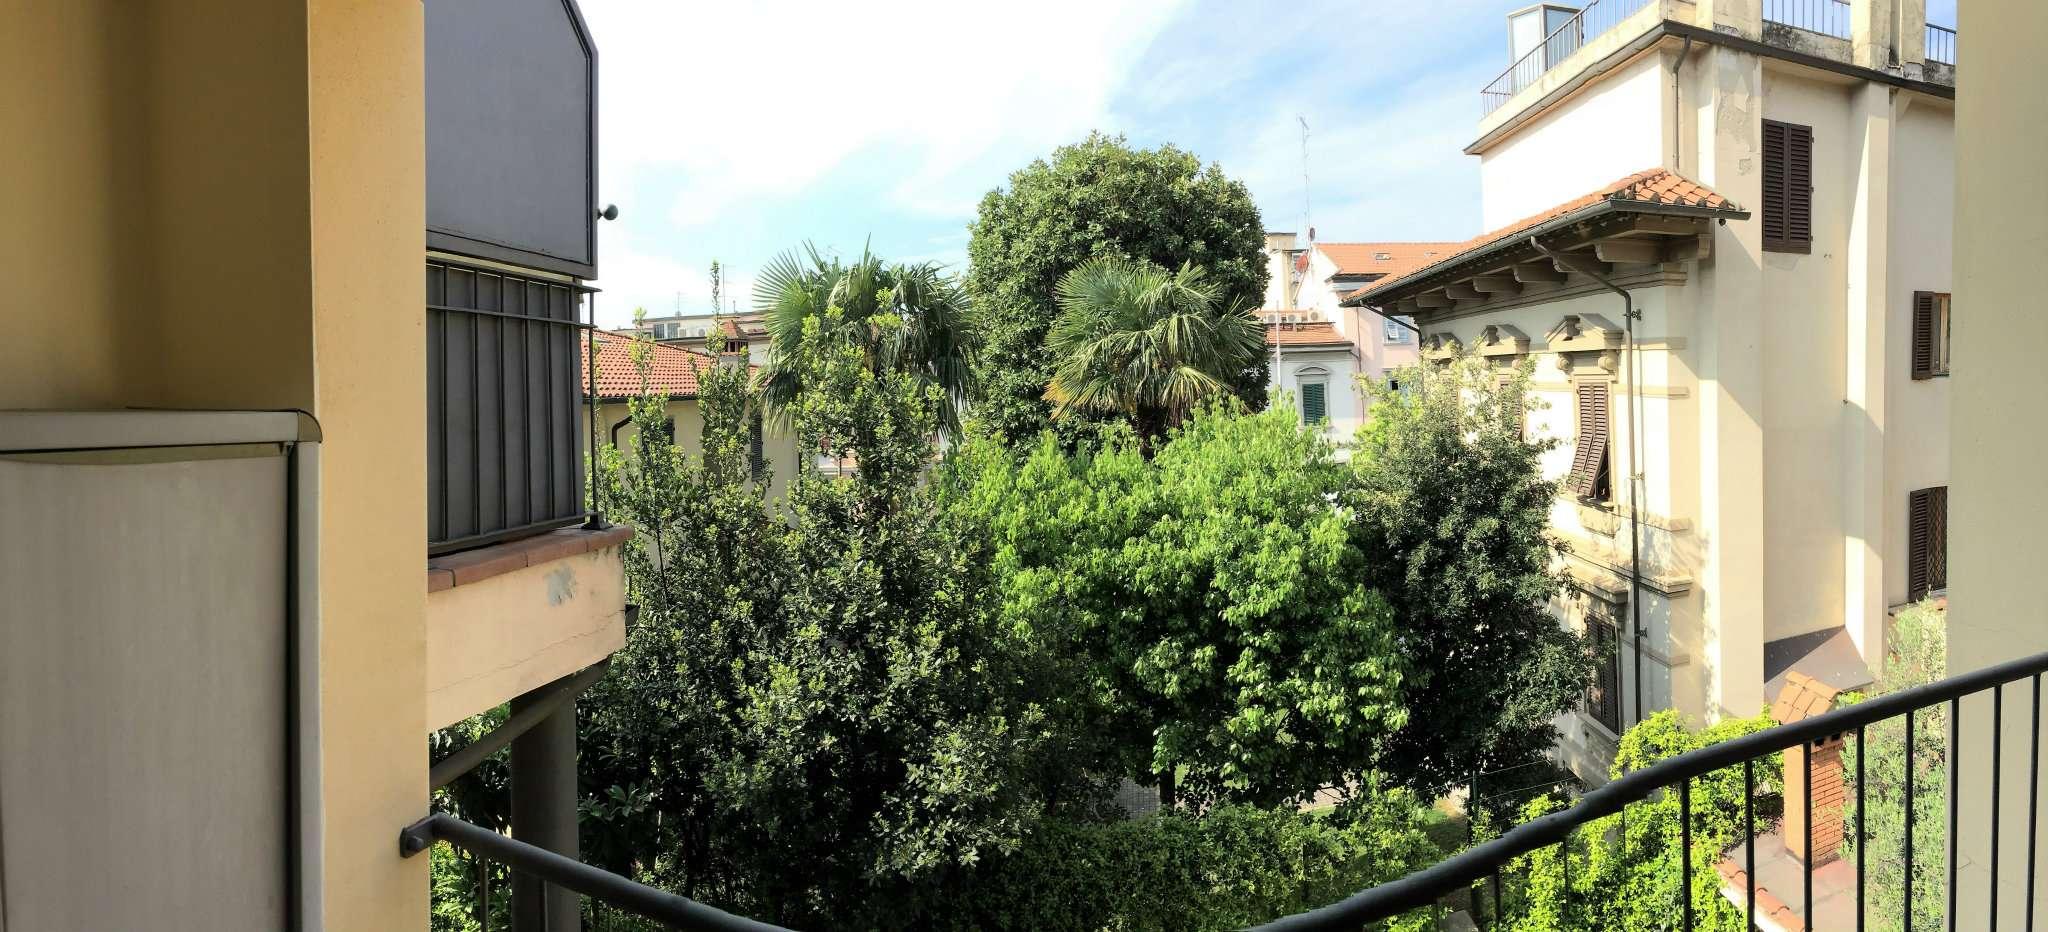 Appartamento in affitto a Prato, 2 locali, prezzo € 650 | Cambio Casa.it